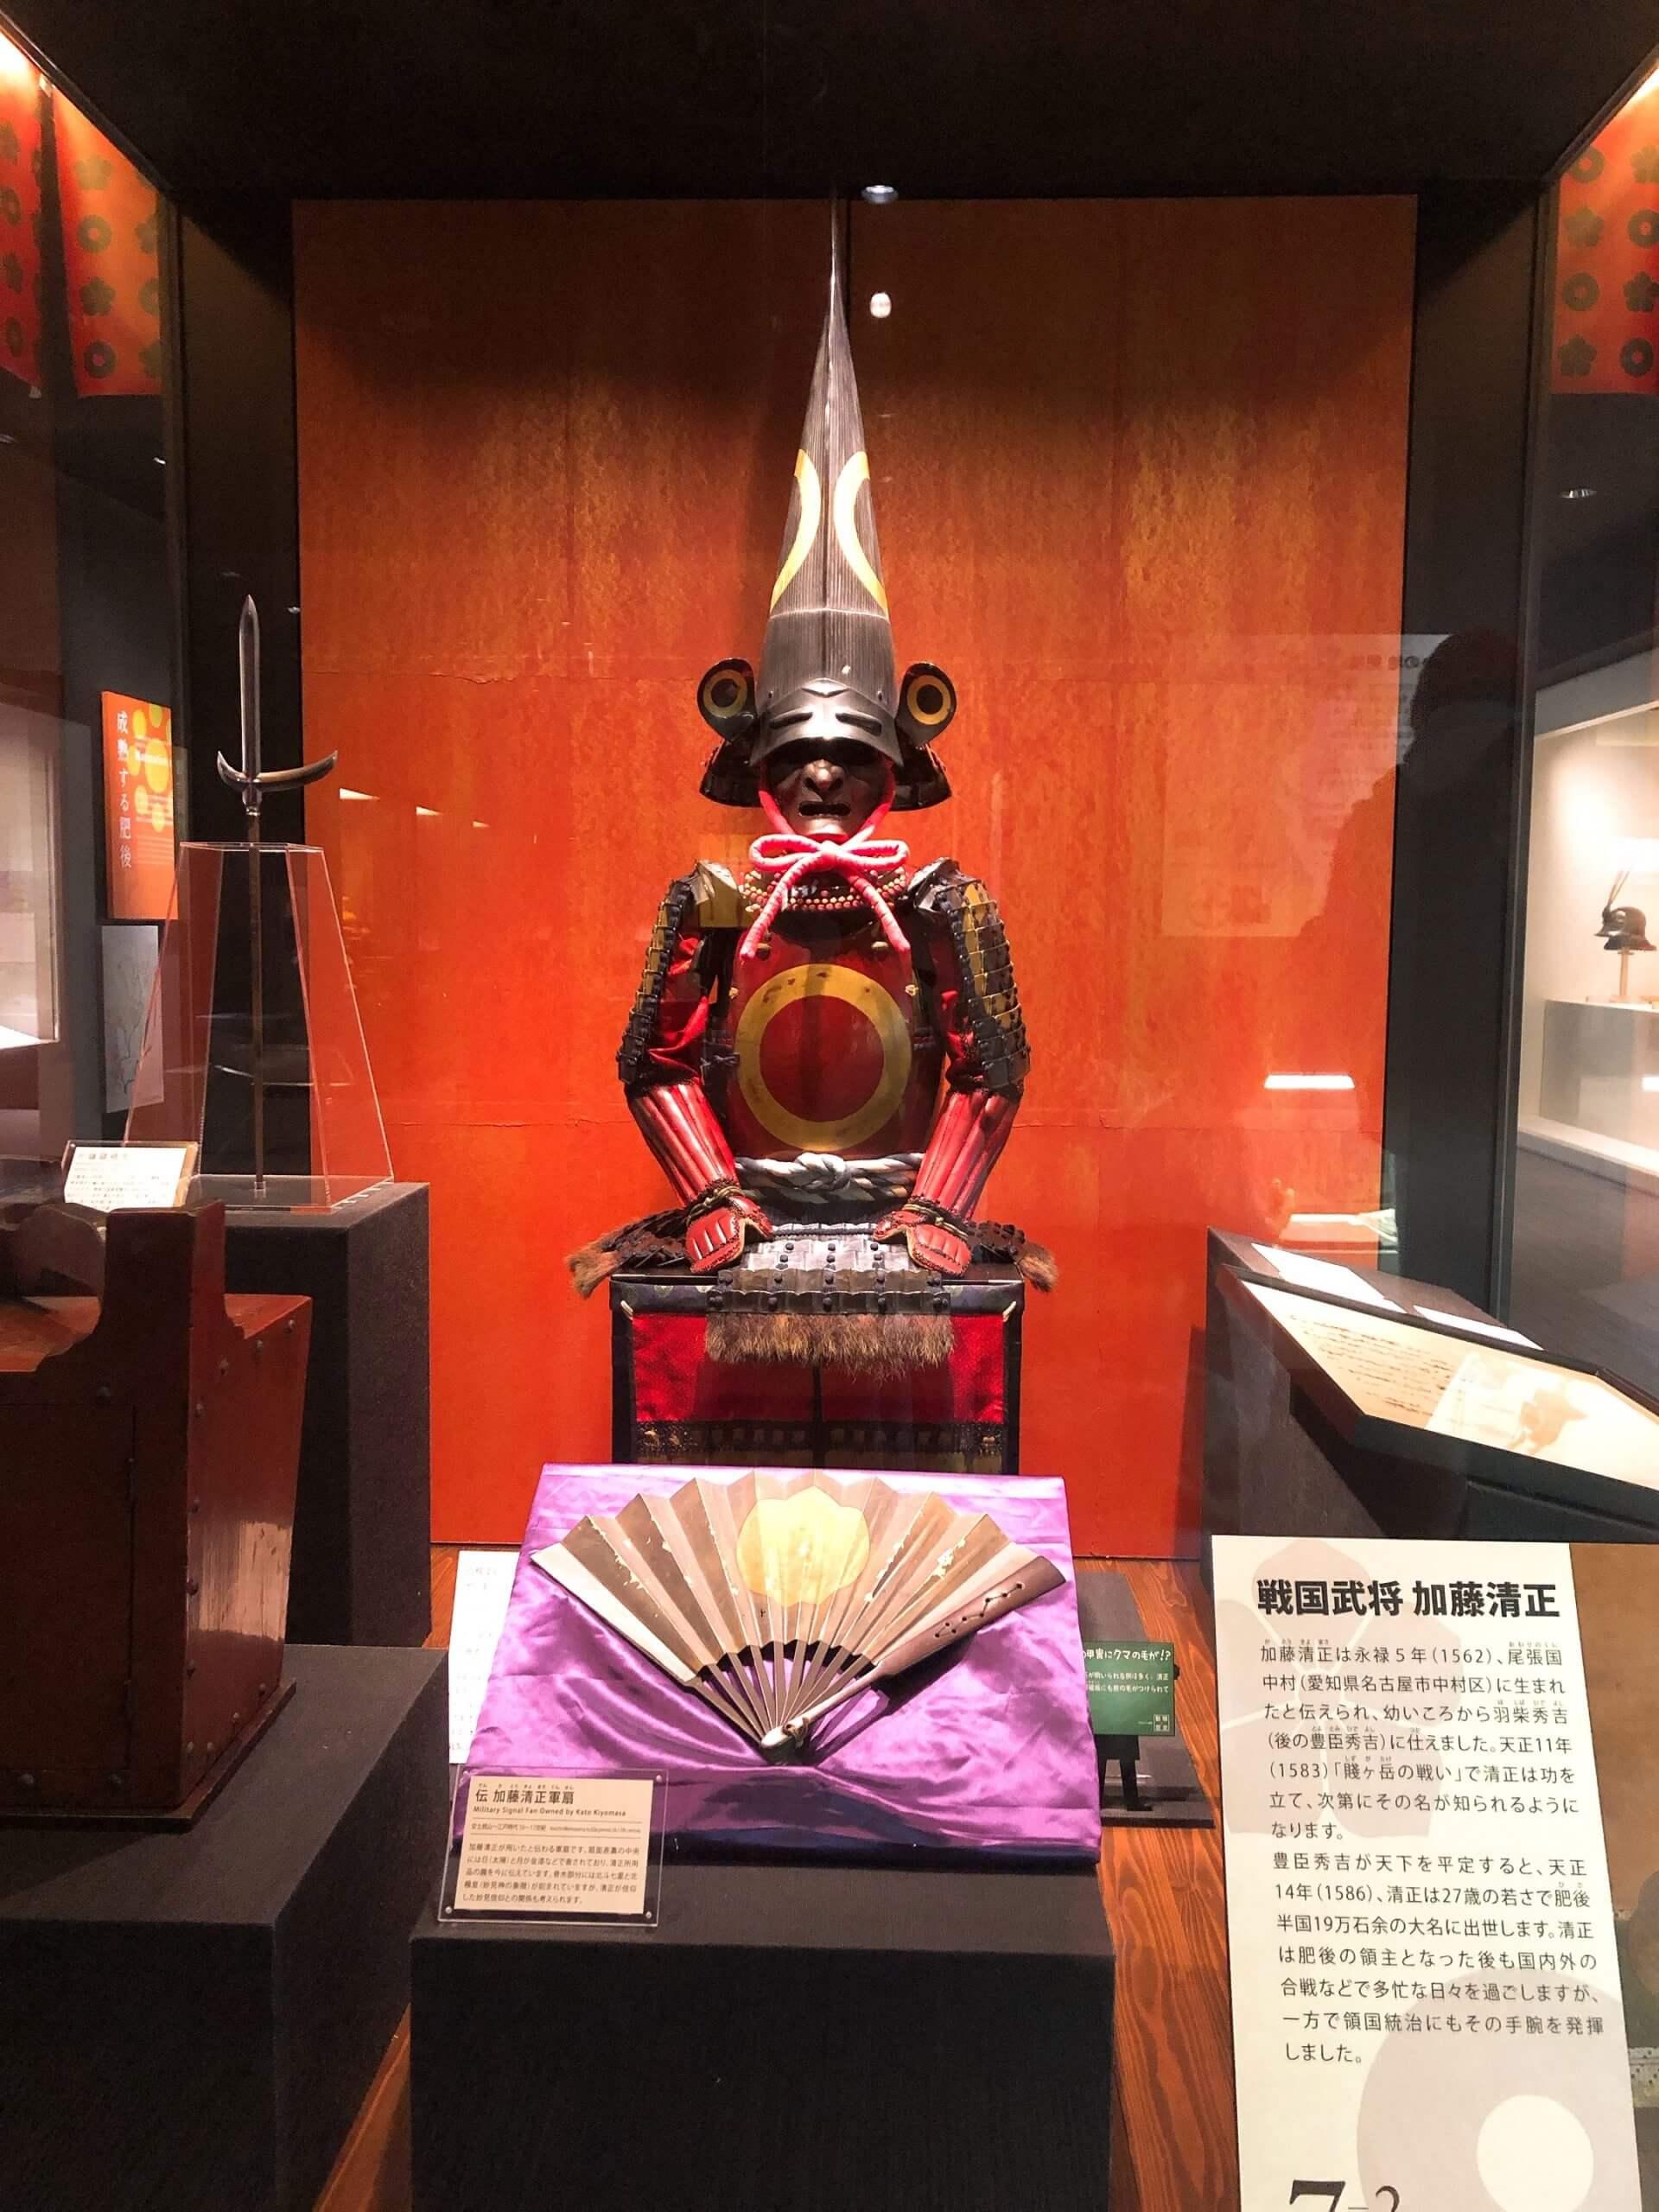 【熊本博物館】幼児は無料!熊本の歴史や自然を学べるスポット!【熊本市中央区古京町 】